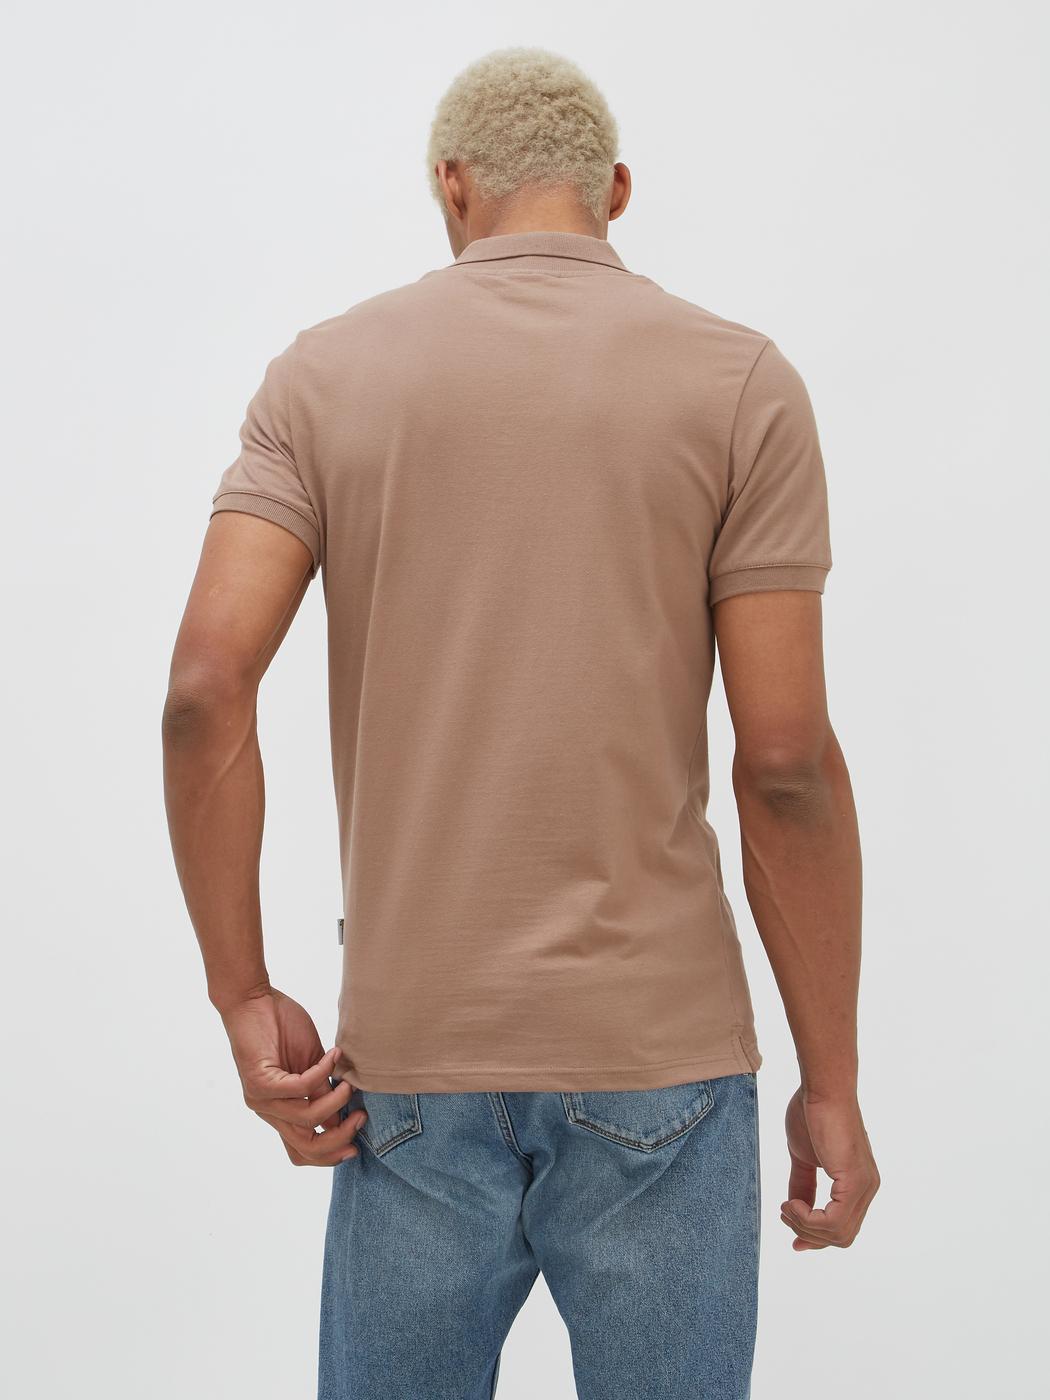 Коврик придверный SunStep Professional, влаговпитывающий, цвет: серый, черный, 90 х 60 см коврик придверный sunstep spongy welcome цвет серый 90 х 60 см